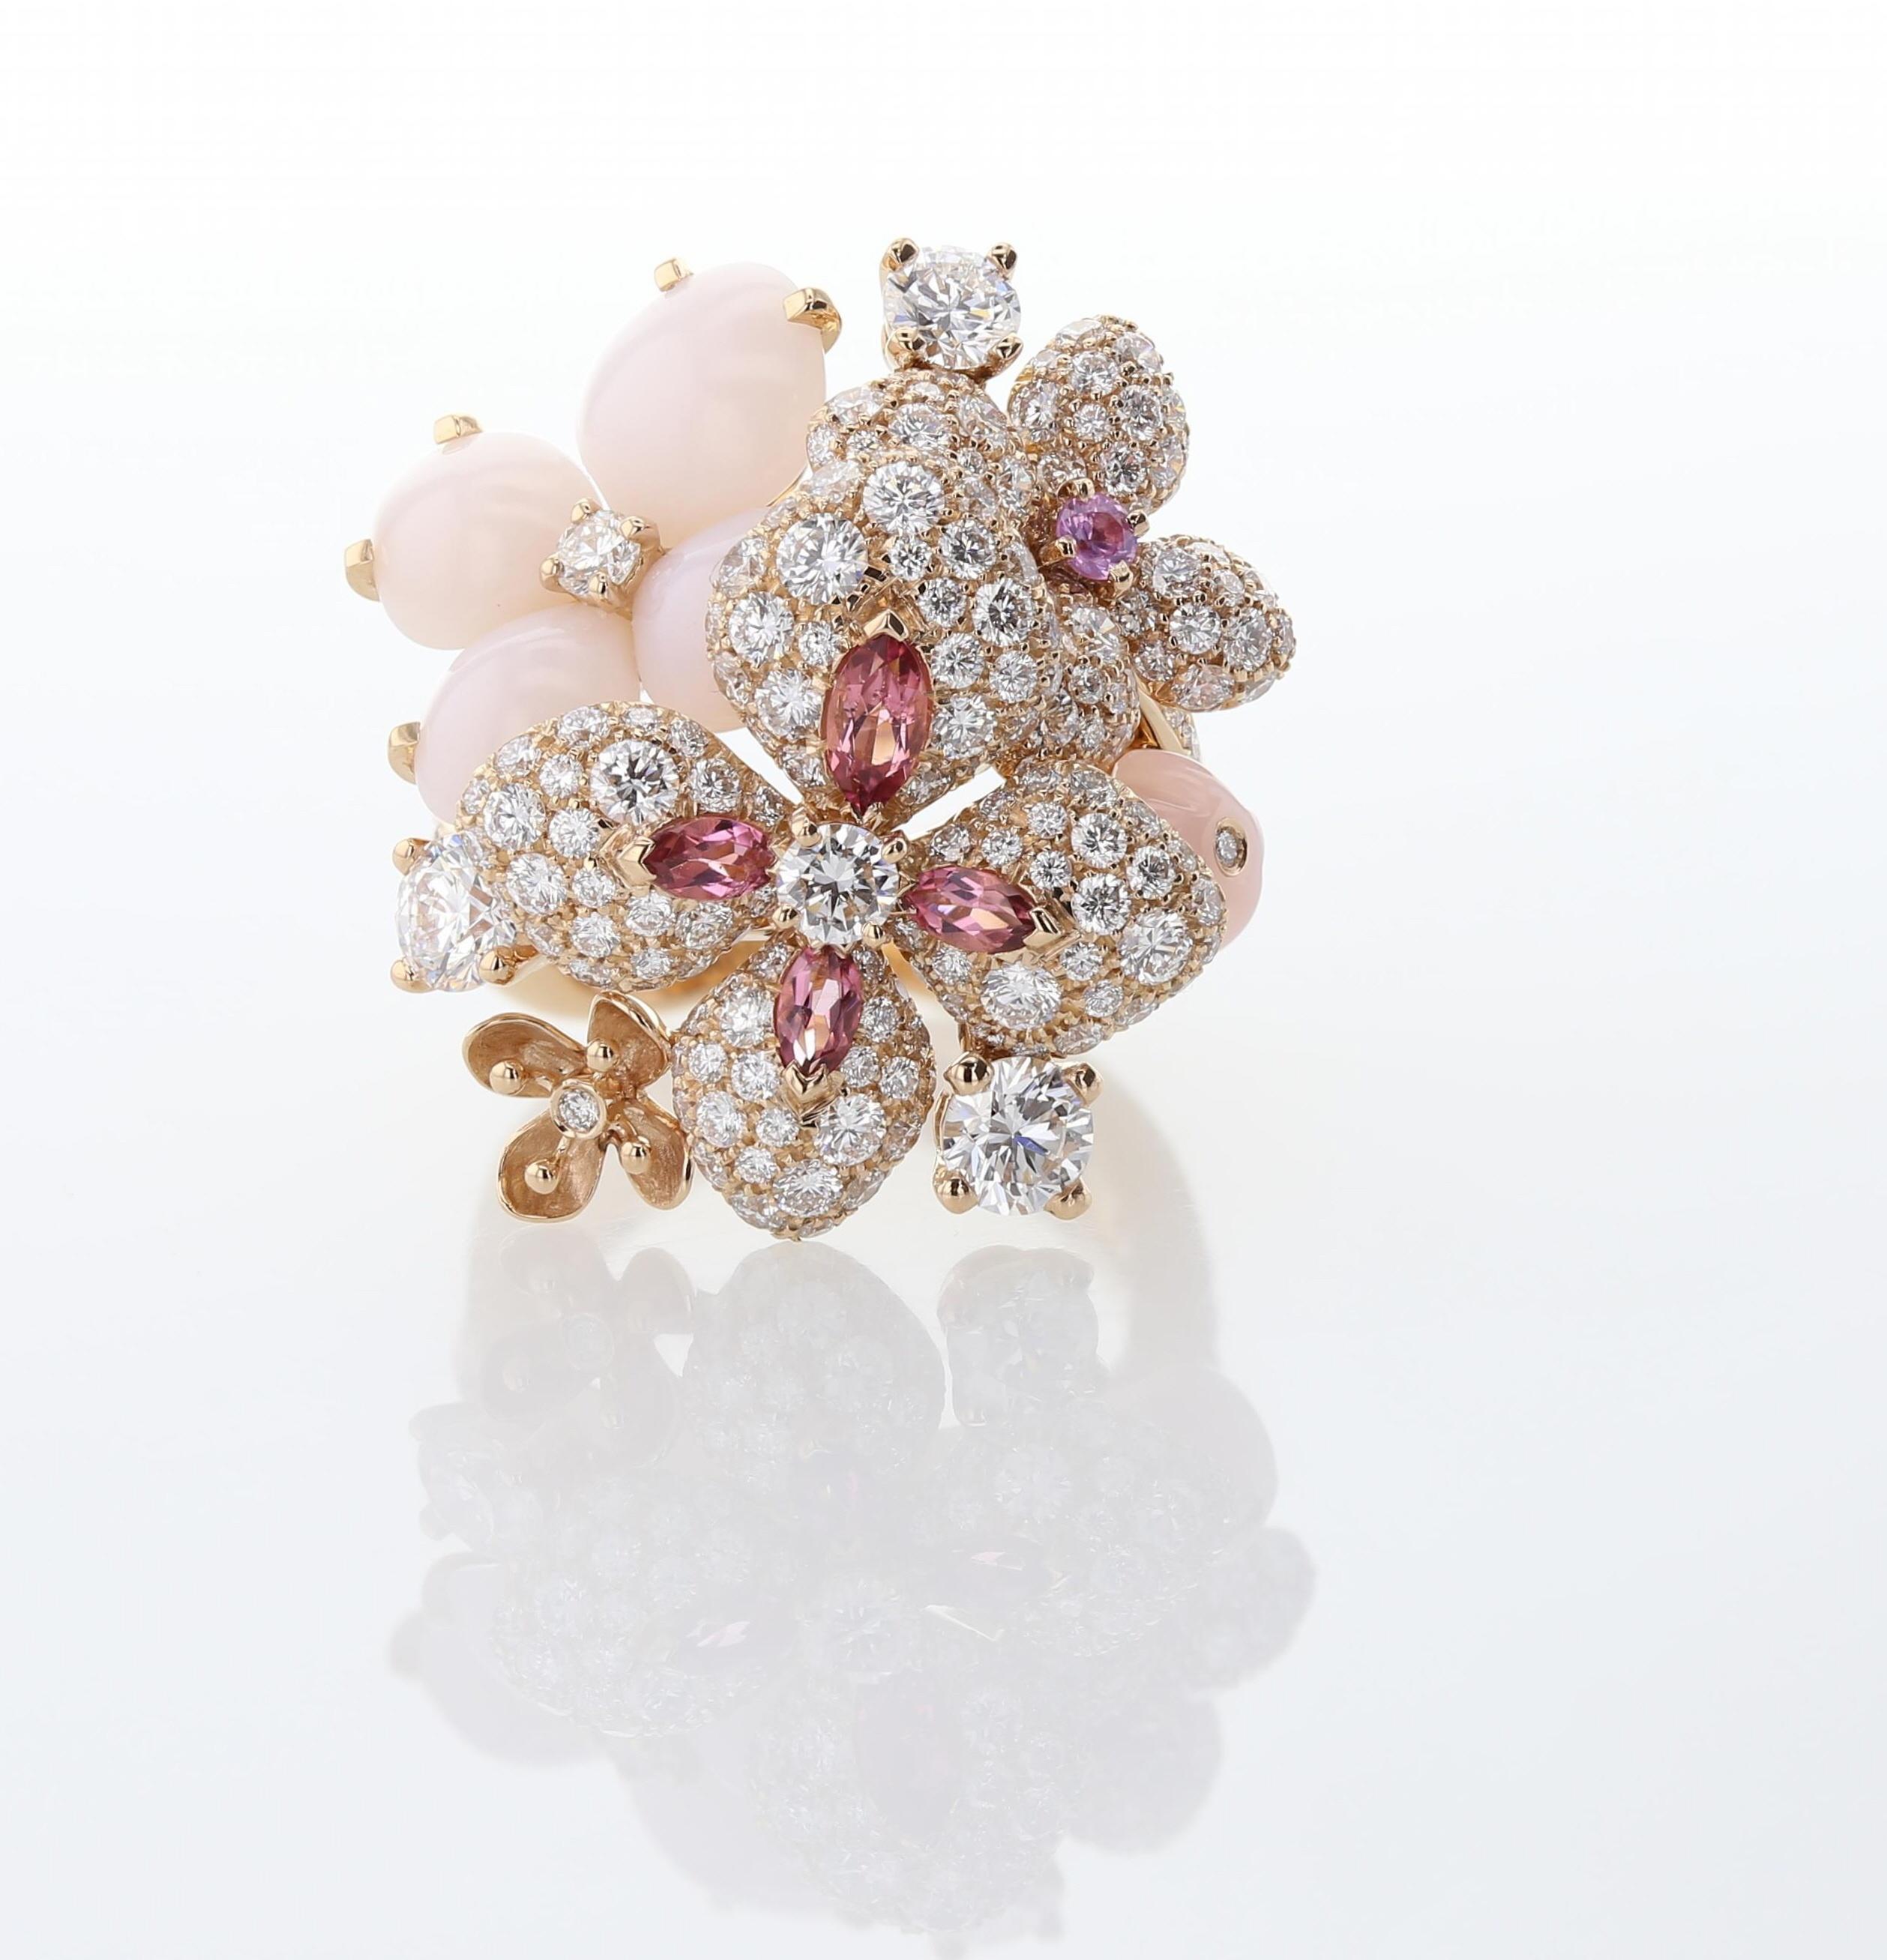 Comment photographier des bijoux